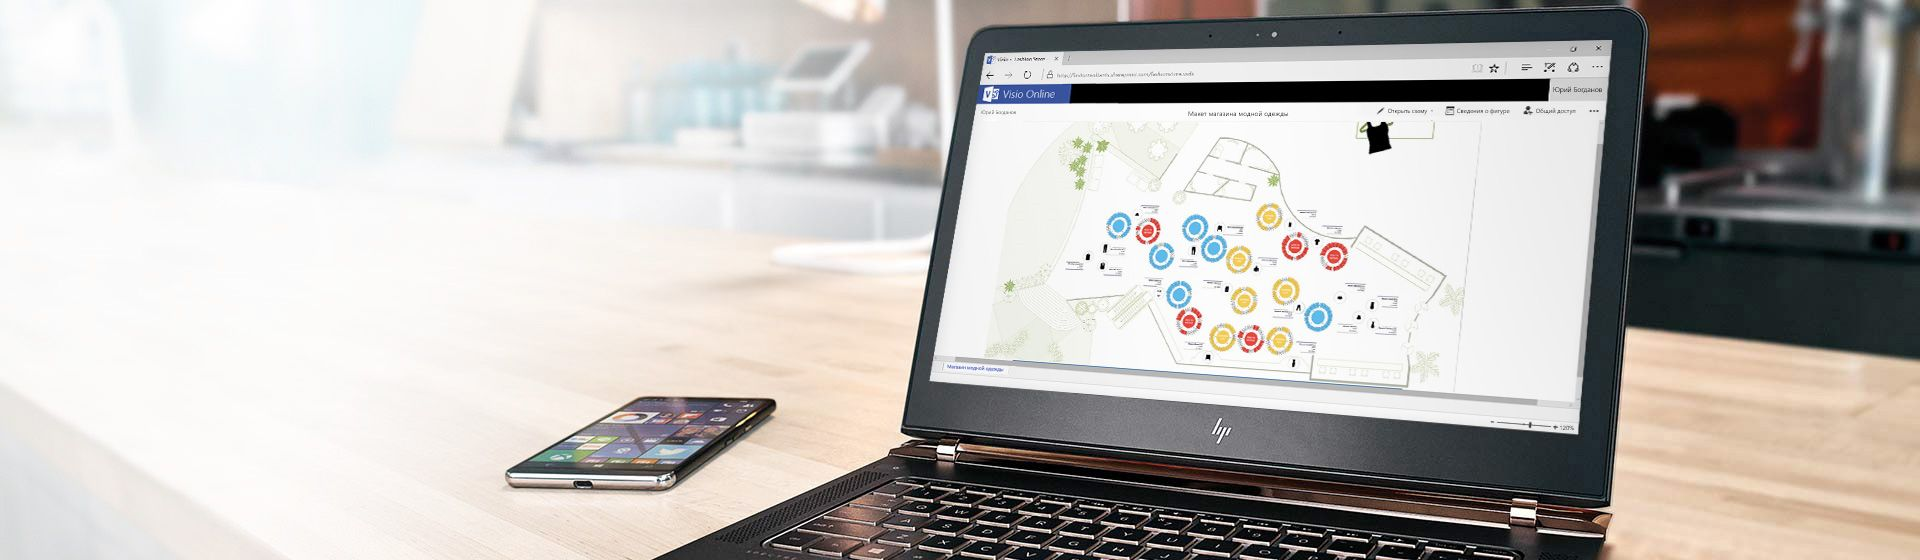 Телефон на столе возле ноутбука, на экране которого открыта схема в Visio Online